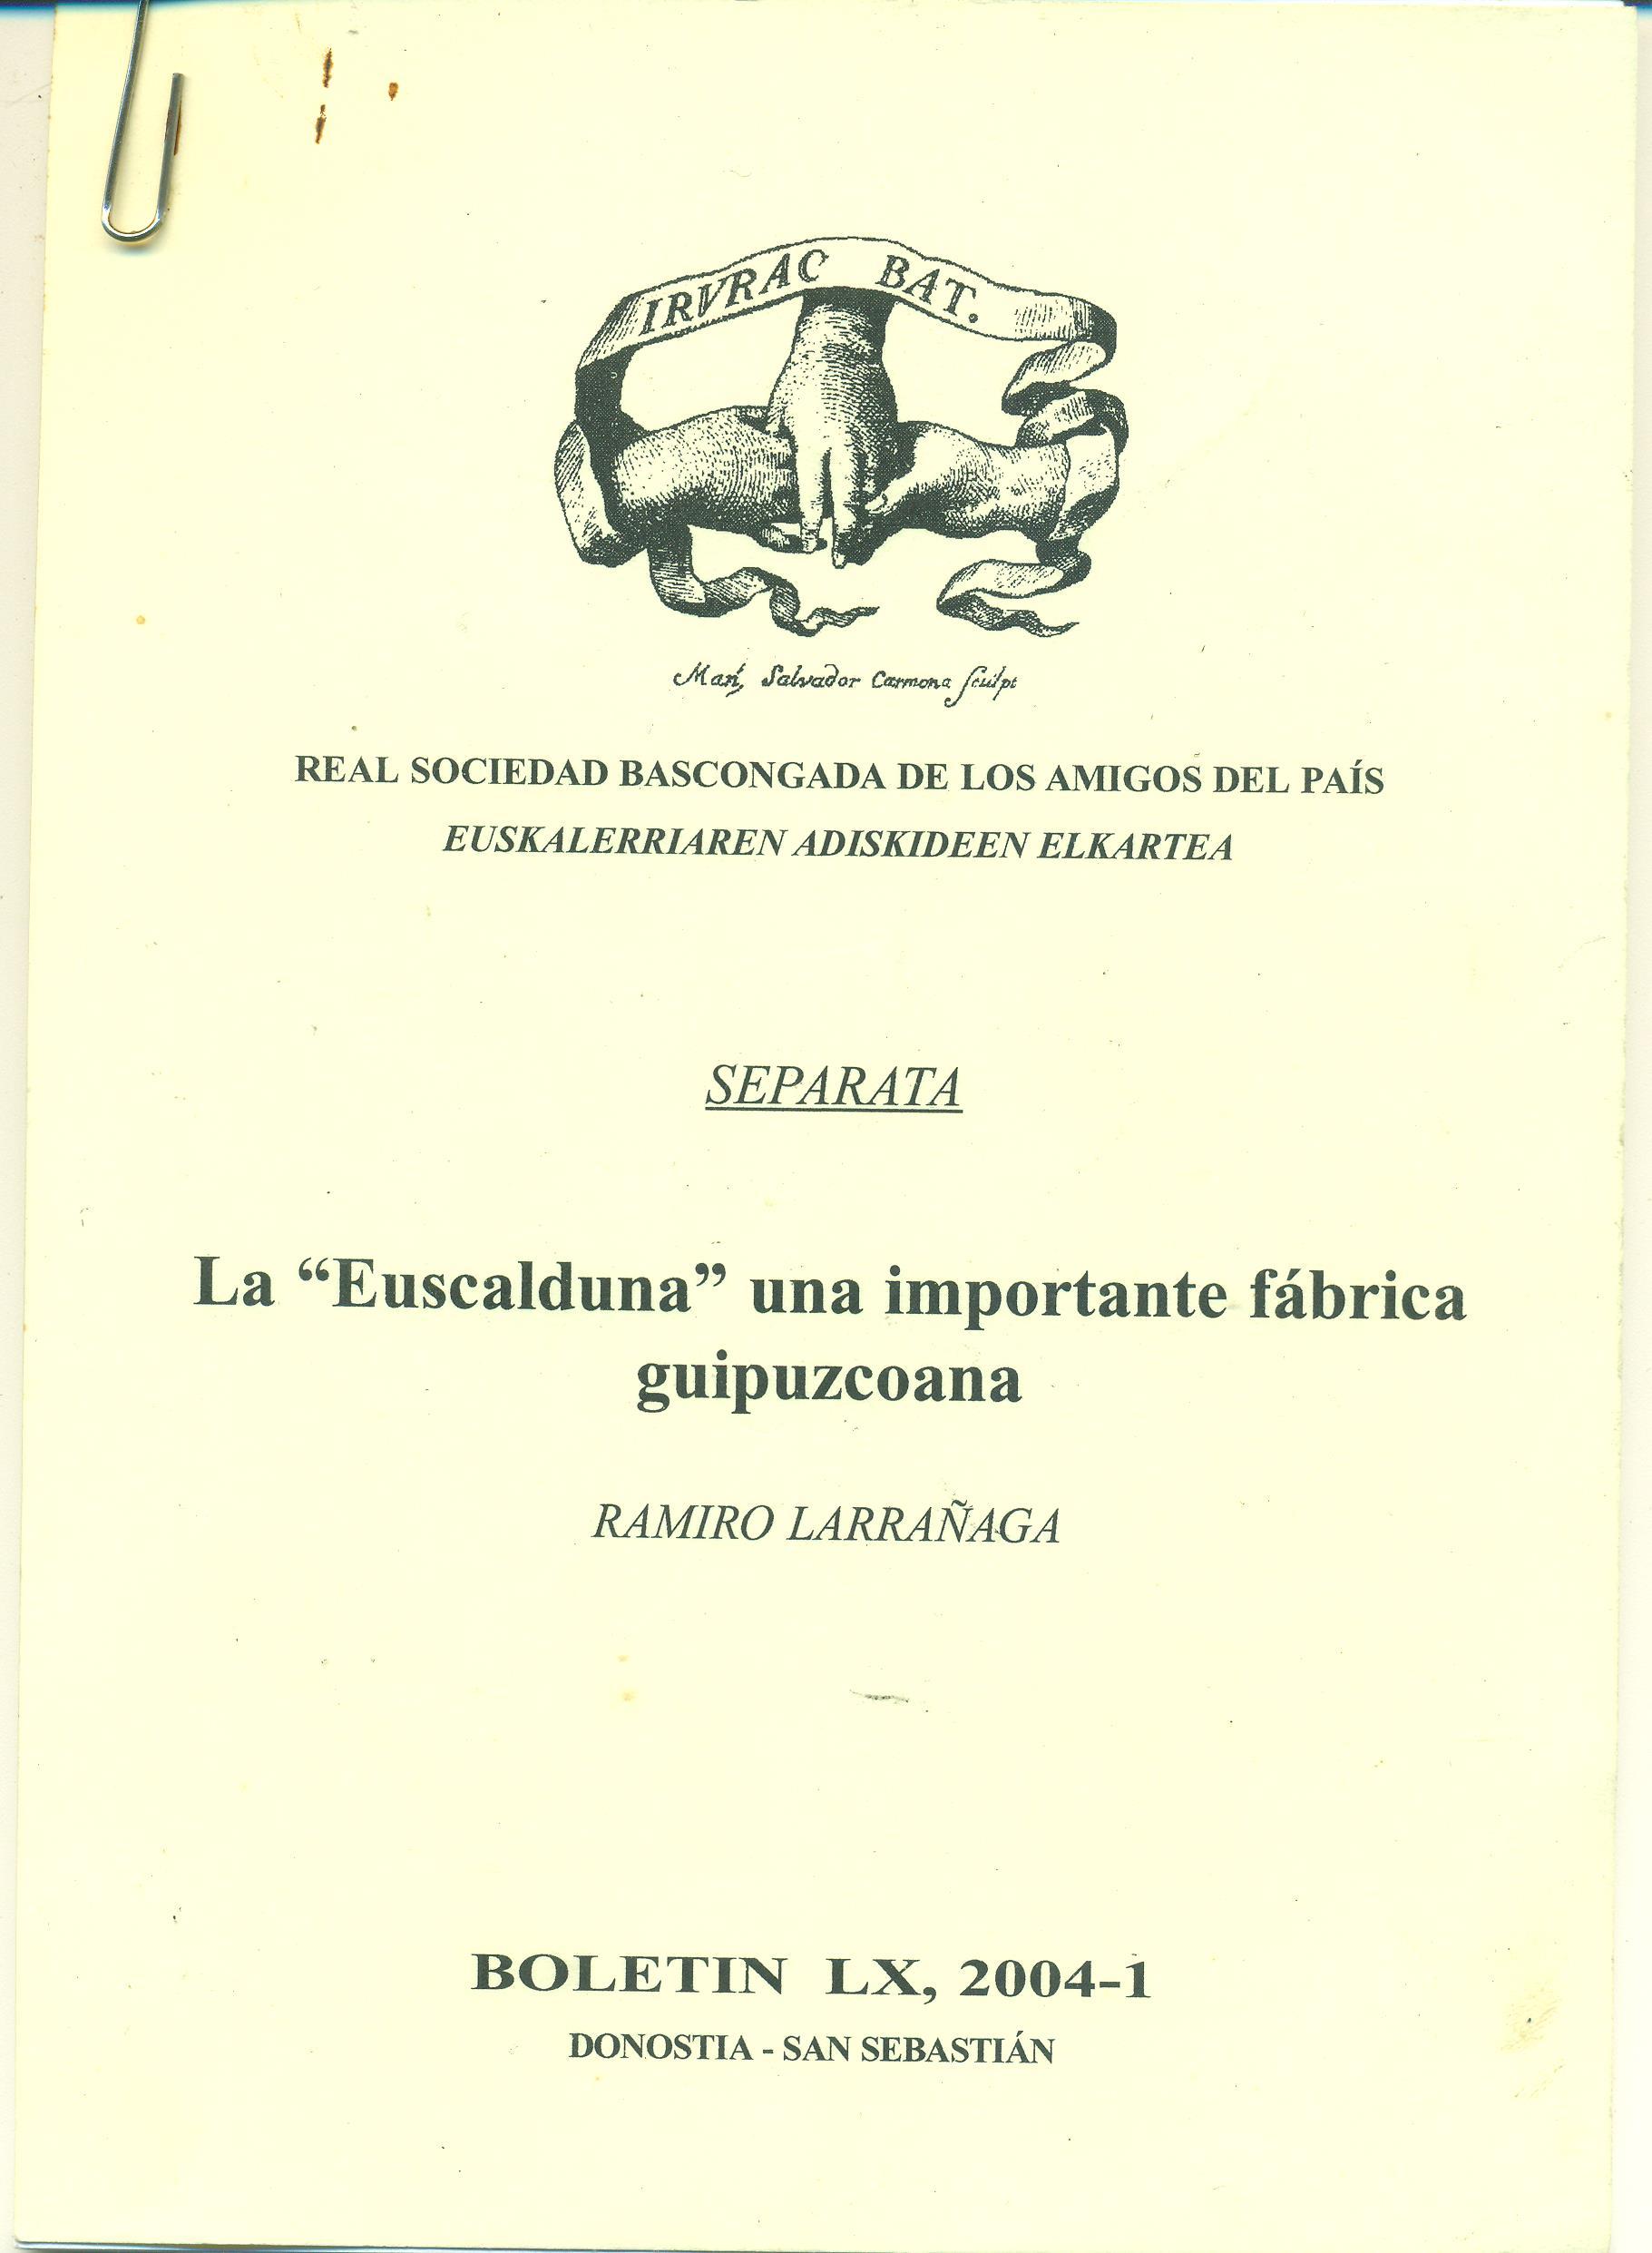 La Eukalduna una importante fábrica Guipuzcoana